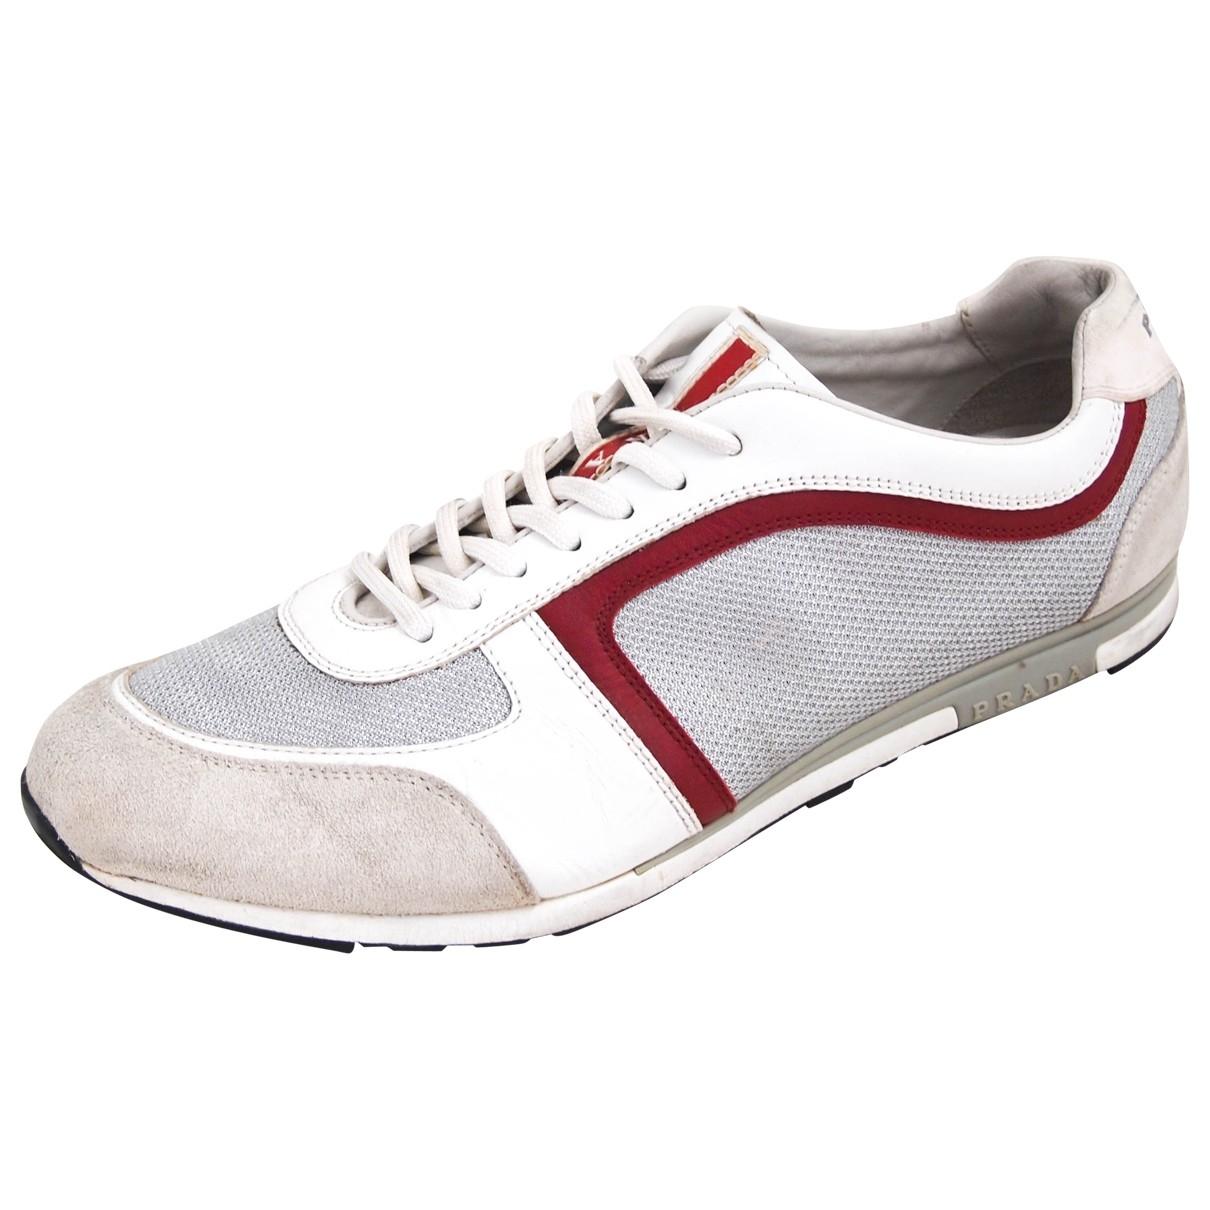 Prada \N Sneakers in  Grau Leinen